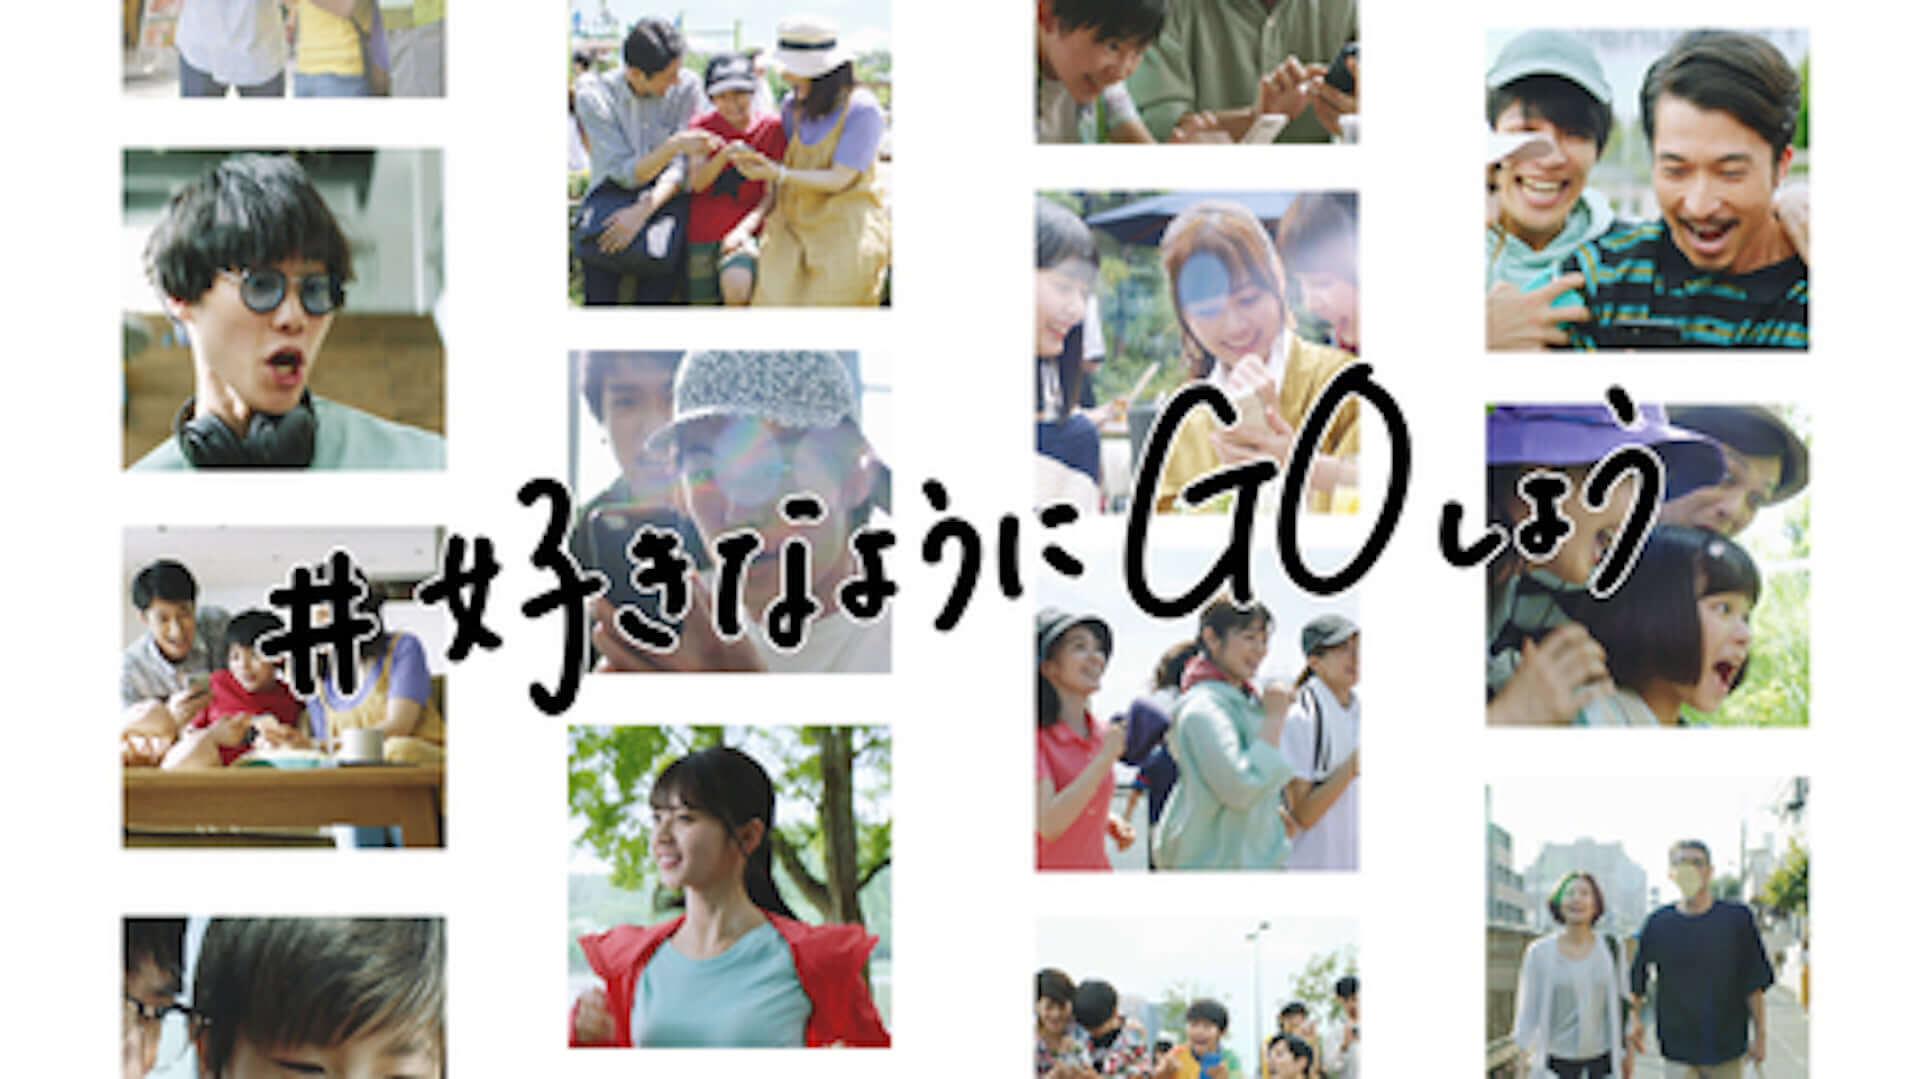 乃木坂46と「ポケモンGO」で毎日を楽しもう!<#好きなようにGOしよう>キャンペーン開始 technology190801pokemon-go_3-1920x1079